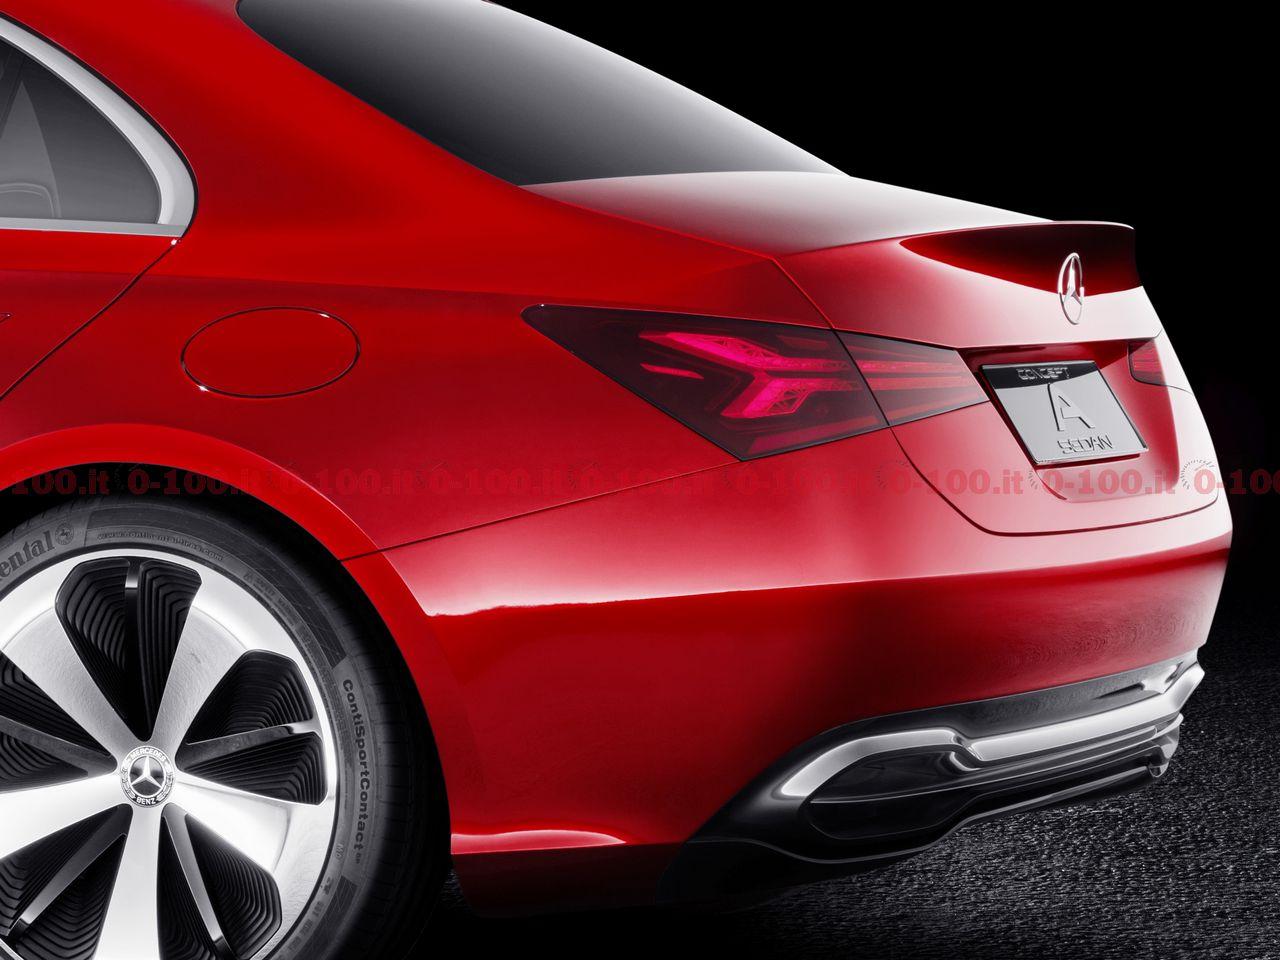 Mercedes-Benz Concept A Sedan: Vorbote einer neuen Generation